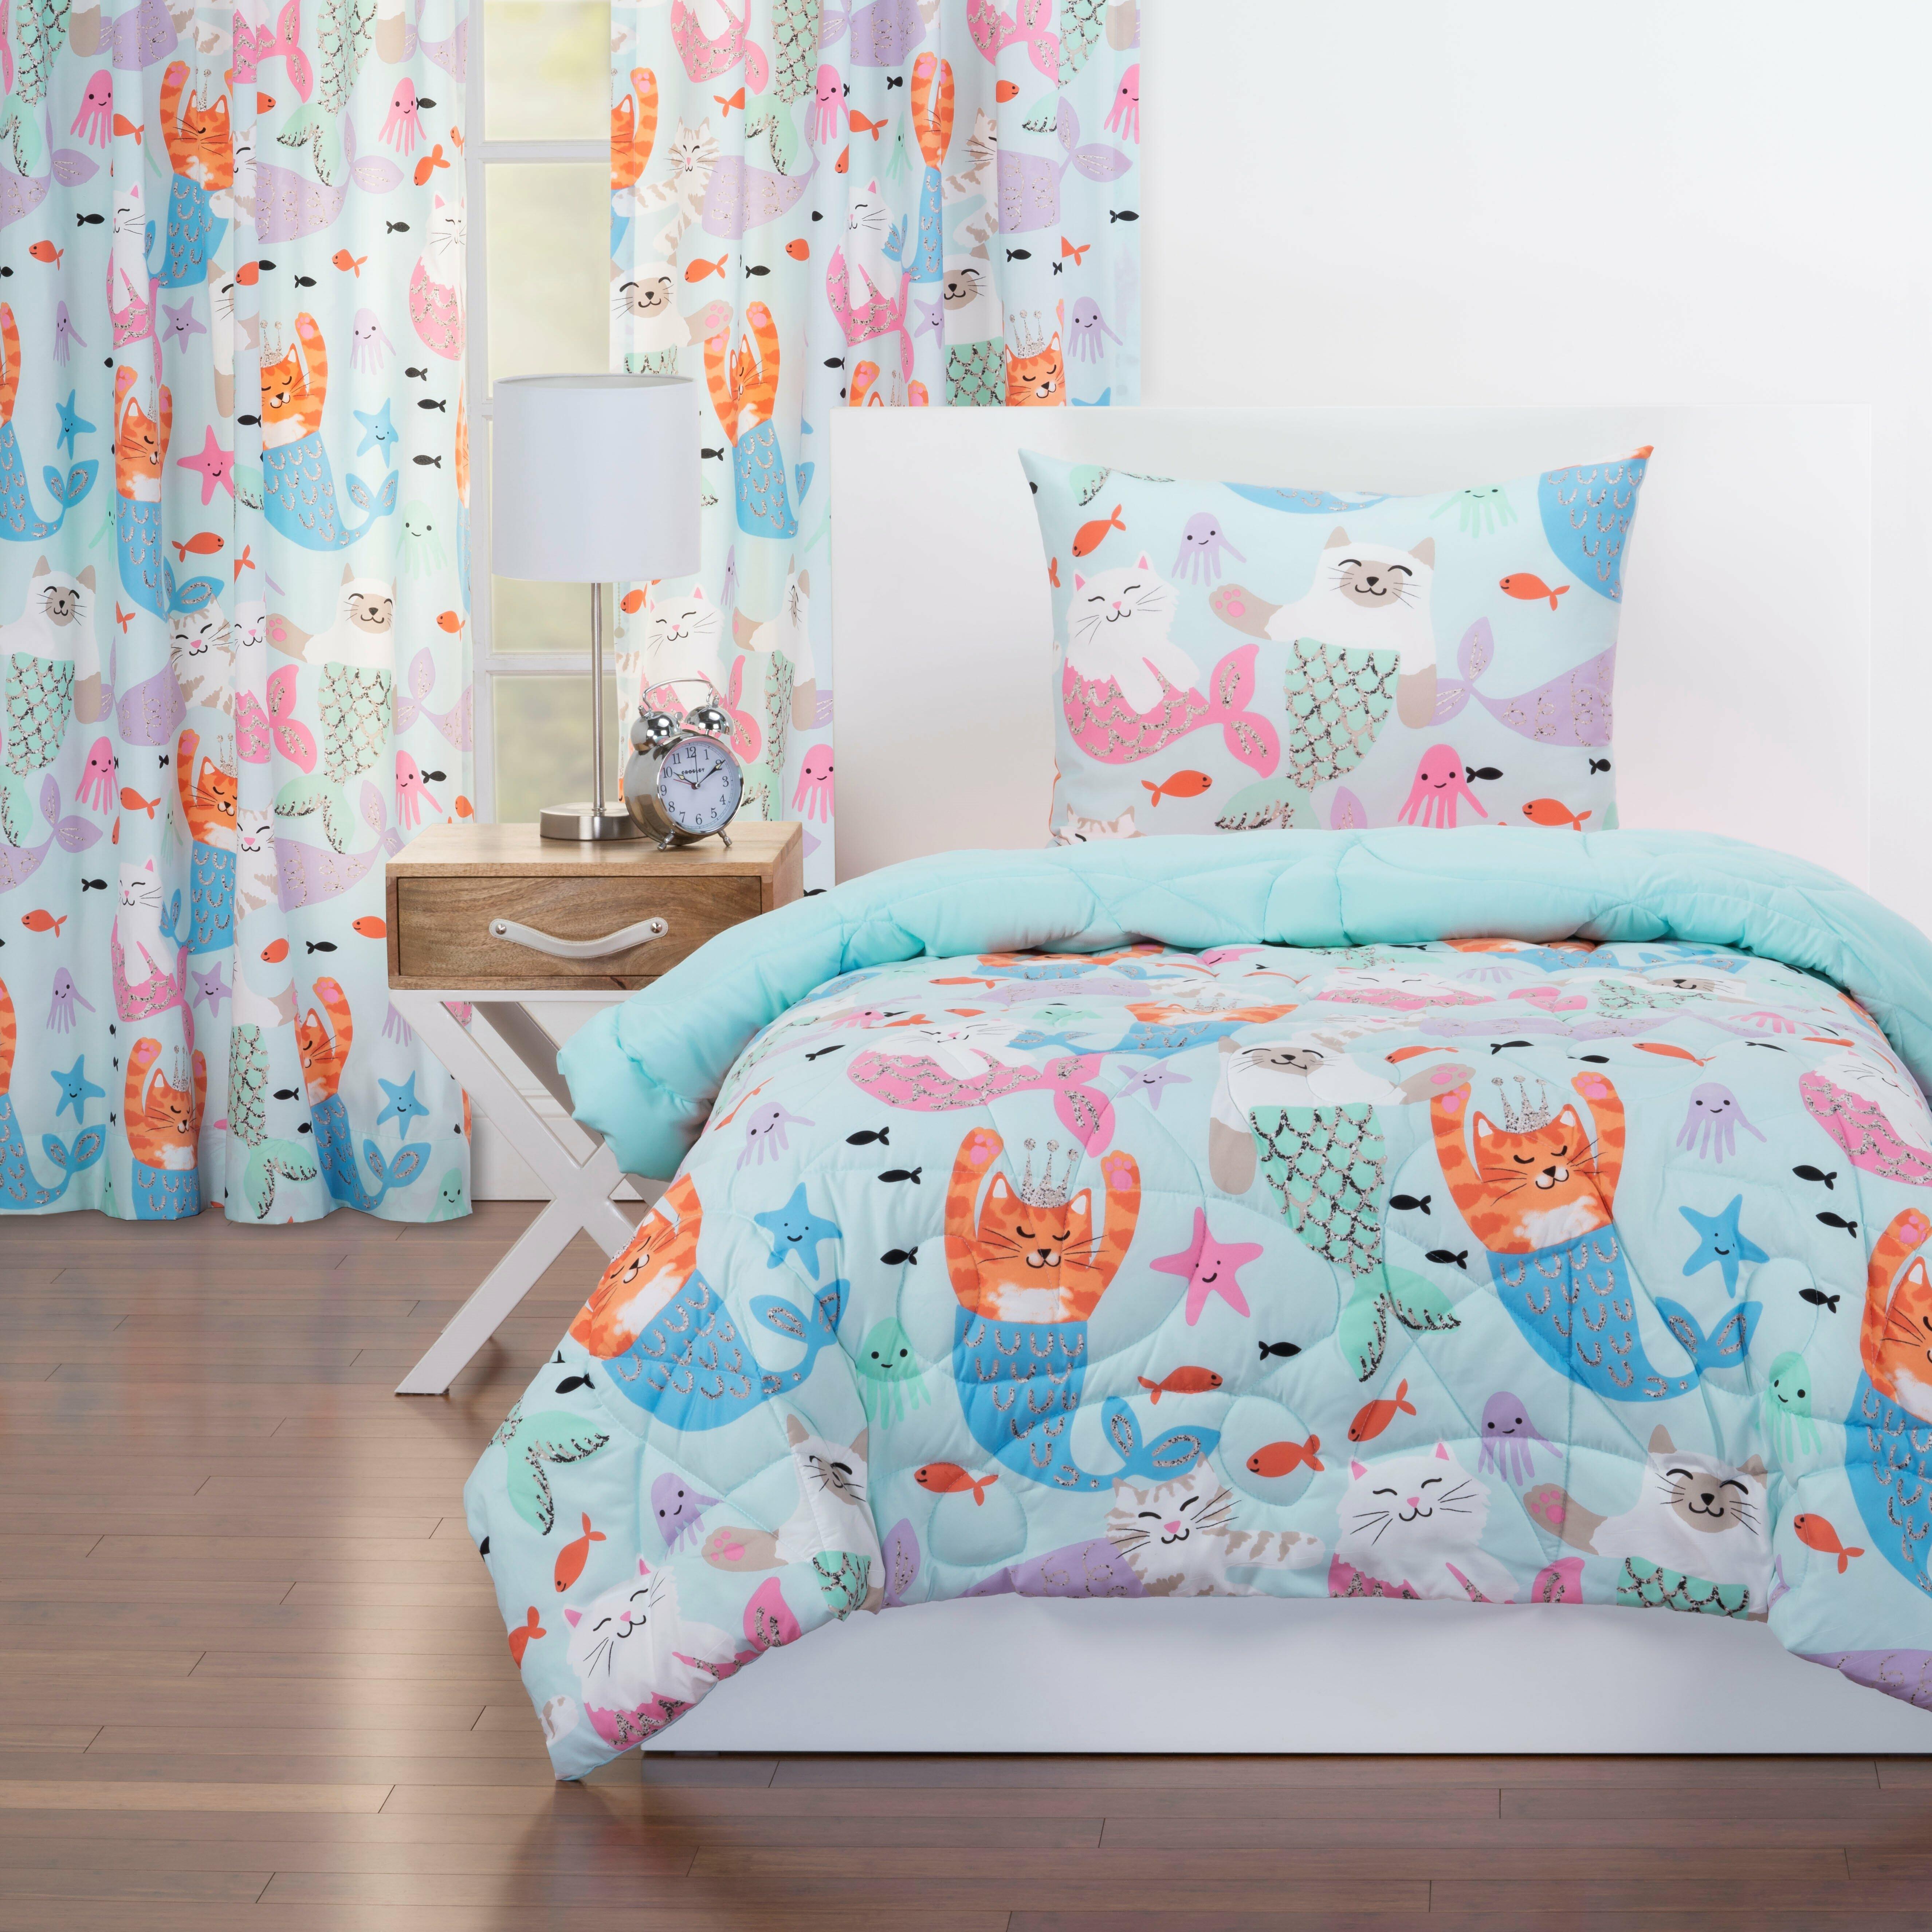 Crayola Purrmaids Reversible Comforter Set Reviews Wayfair